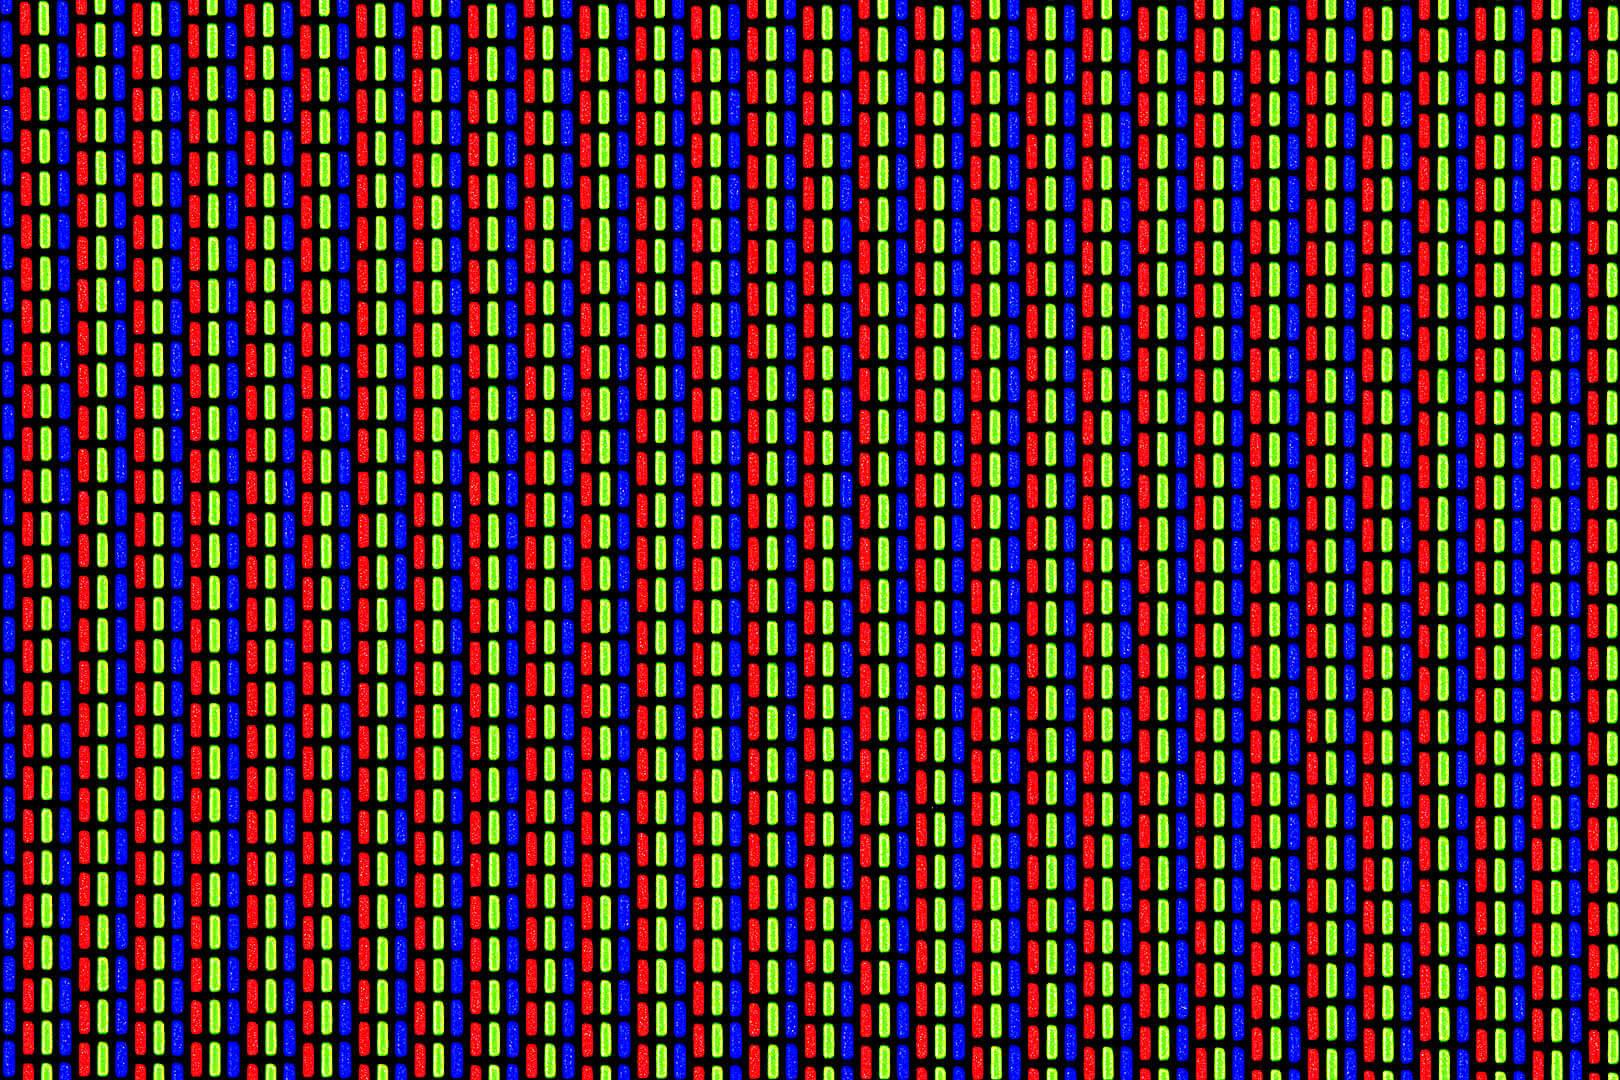 CRT Pixels Macro